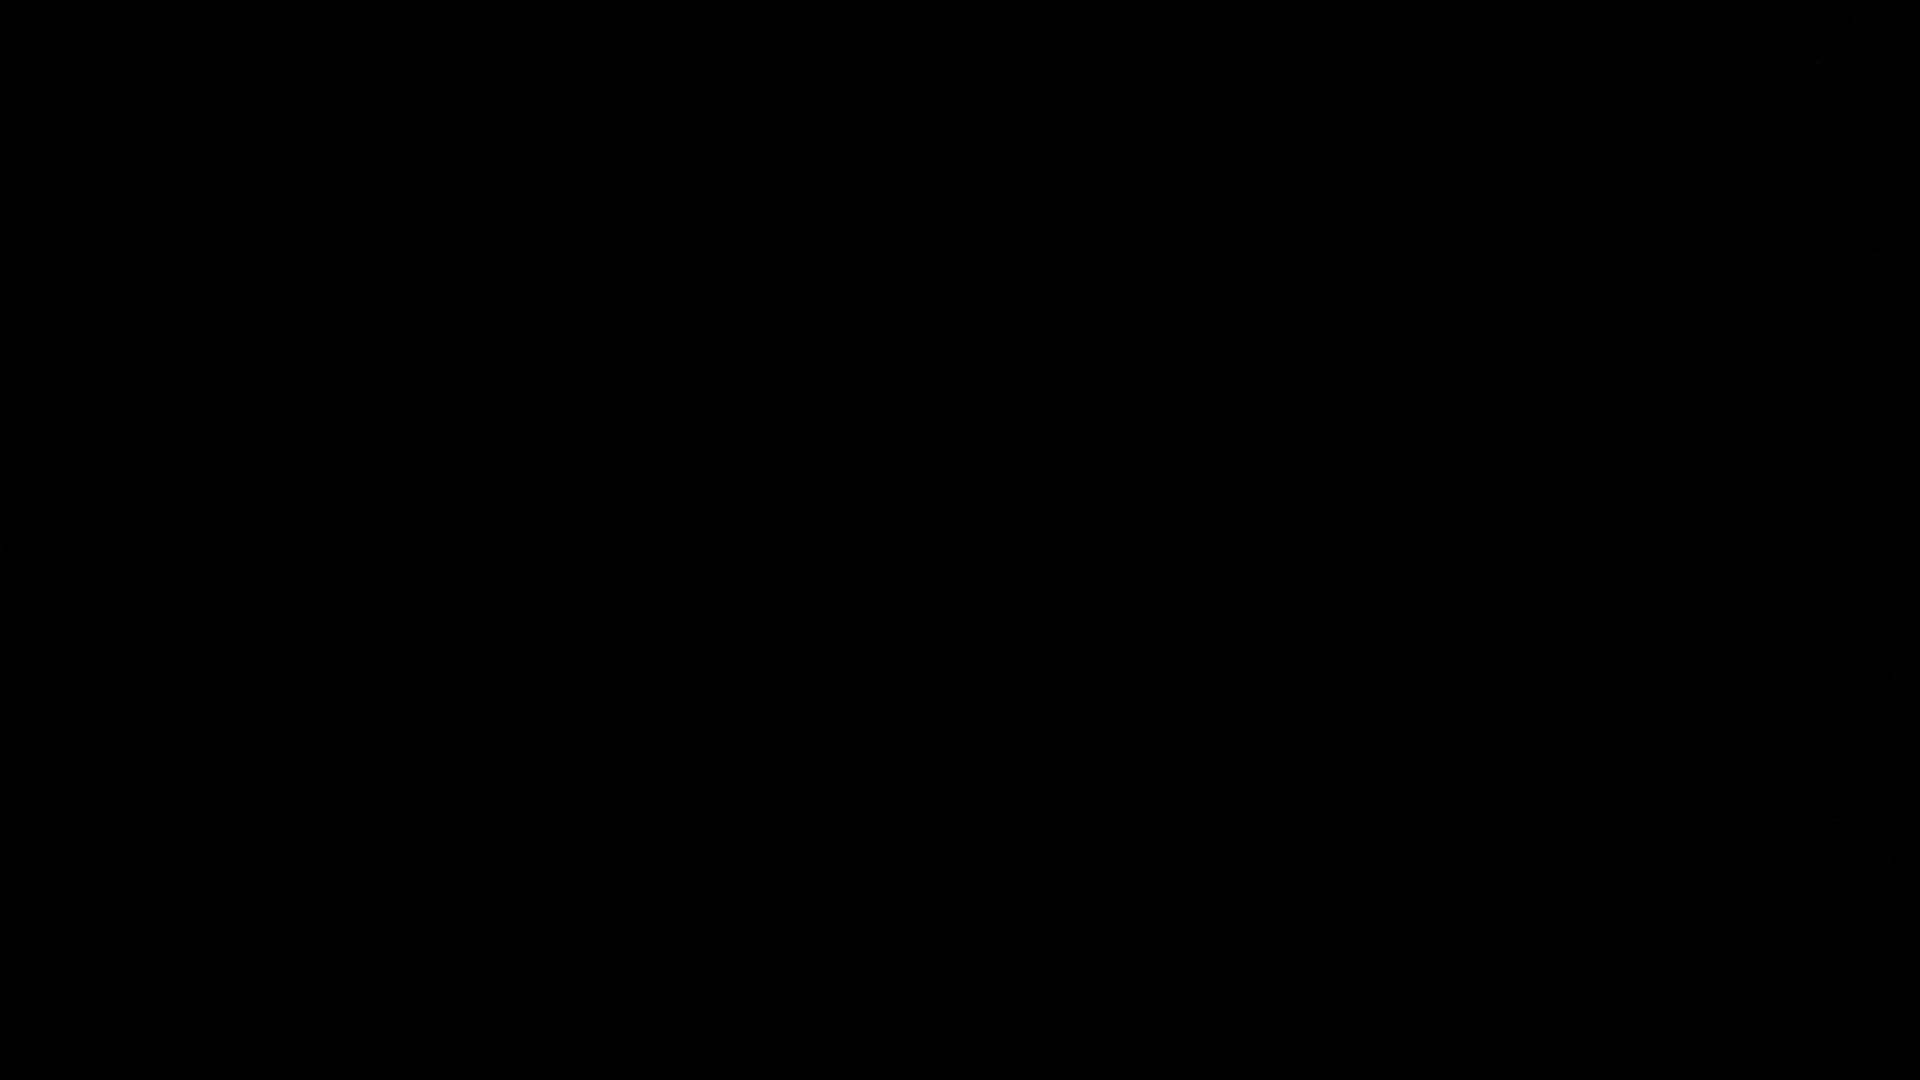 ゆめかわ男子のゆめかわオナニージャニーズ編vol.09 男・男・男 | スリム美少年系ジャニ系  84枚 21